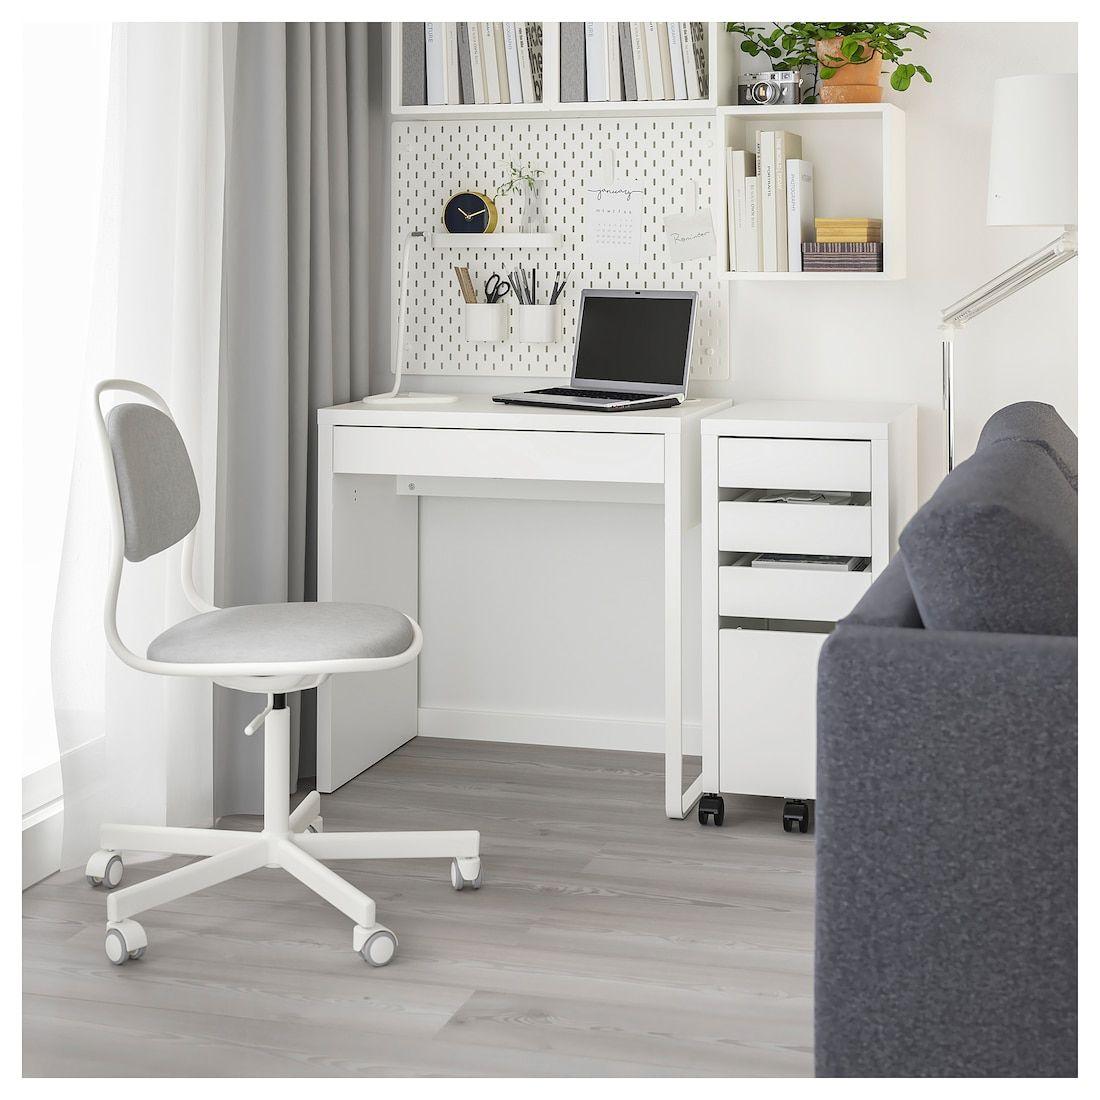 Micke Desk White 28 3 4x19 5 8 Ikea In 2020 Micke Desk Ikea Micke Ikea Micke Desk